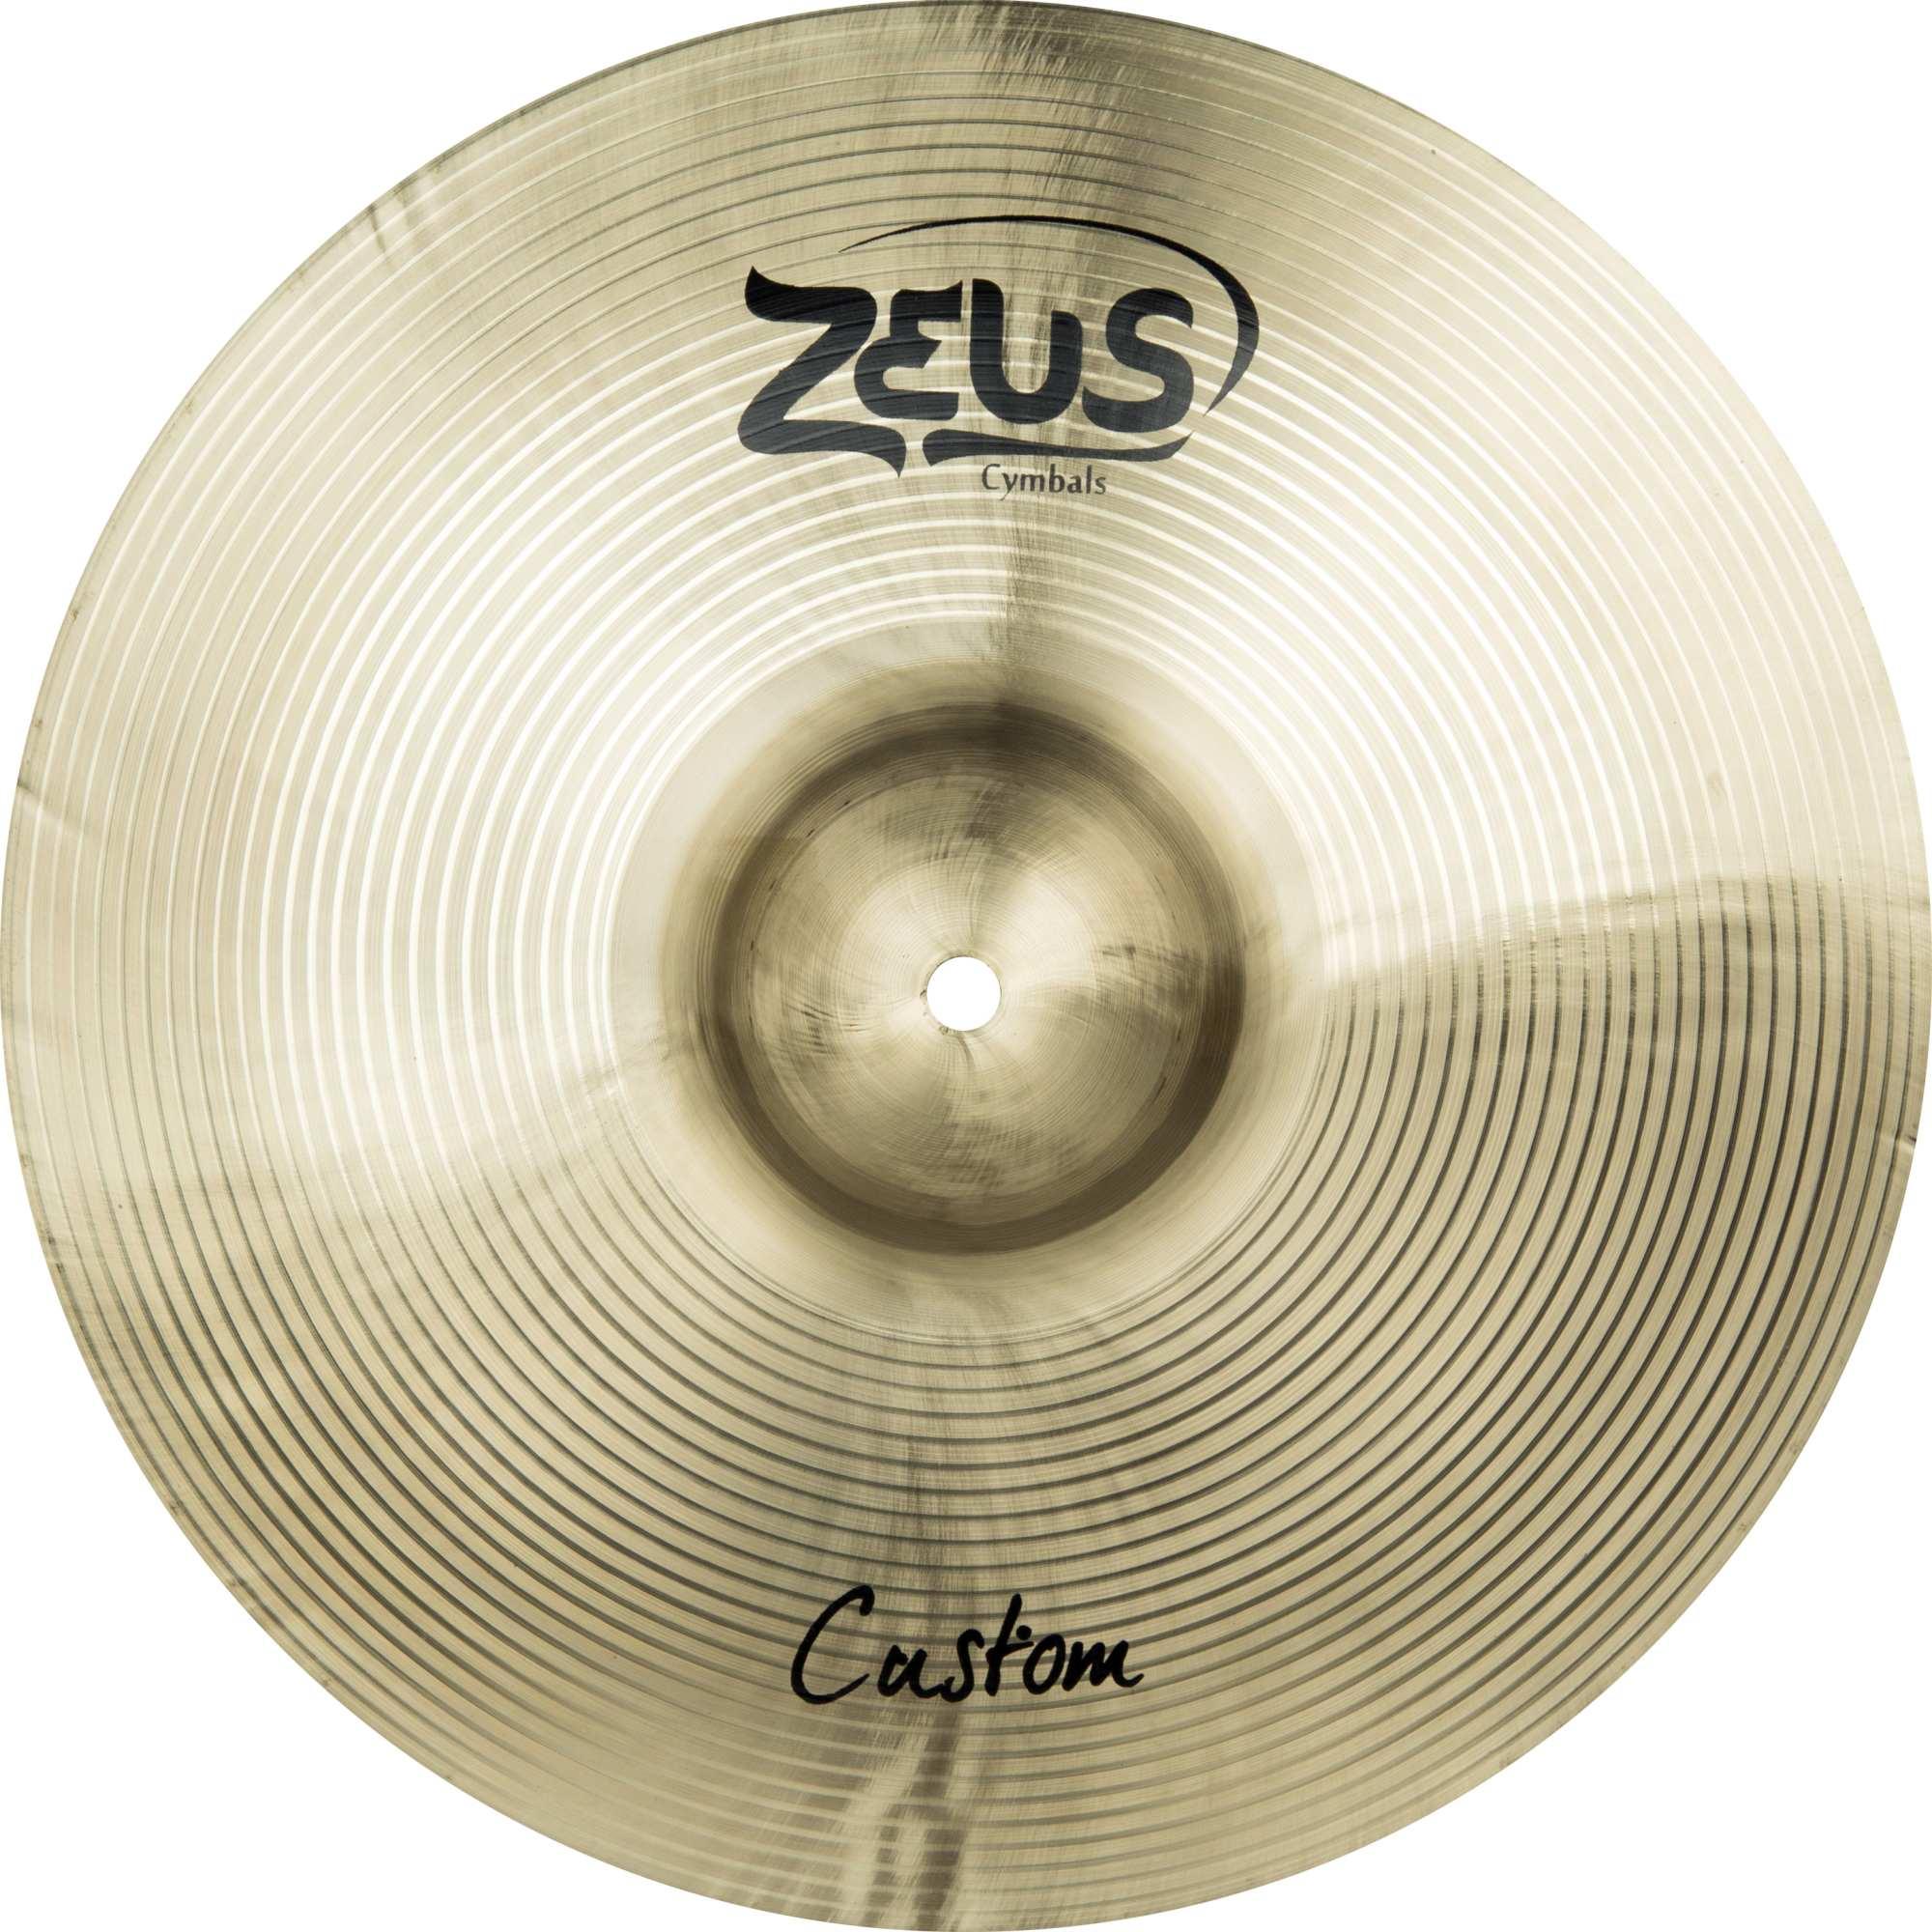 Prato Zeus Custom Hi-hat 14 (par) Zchh14